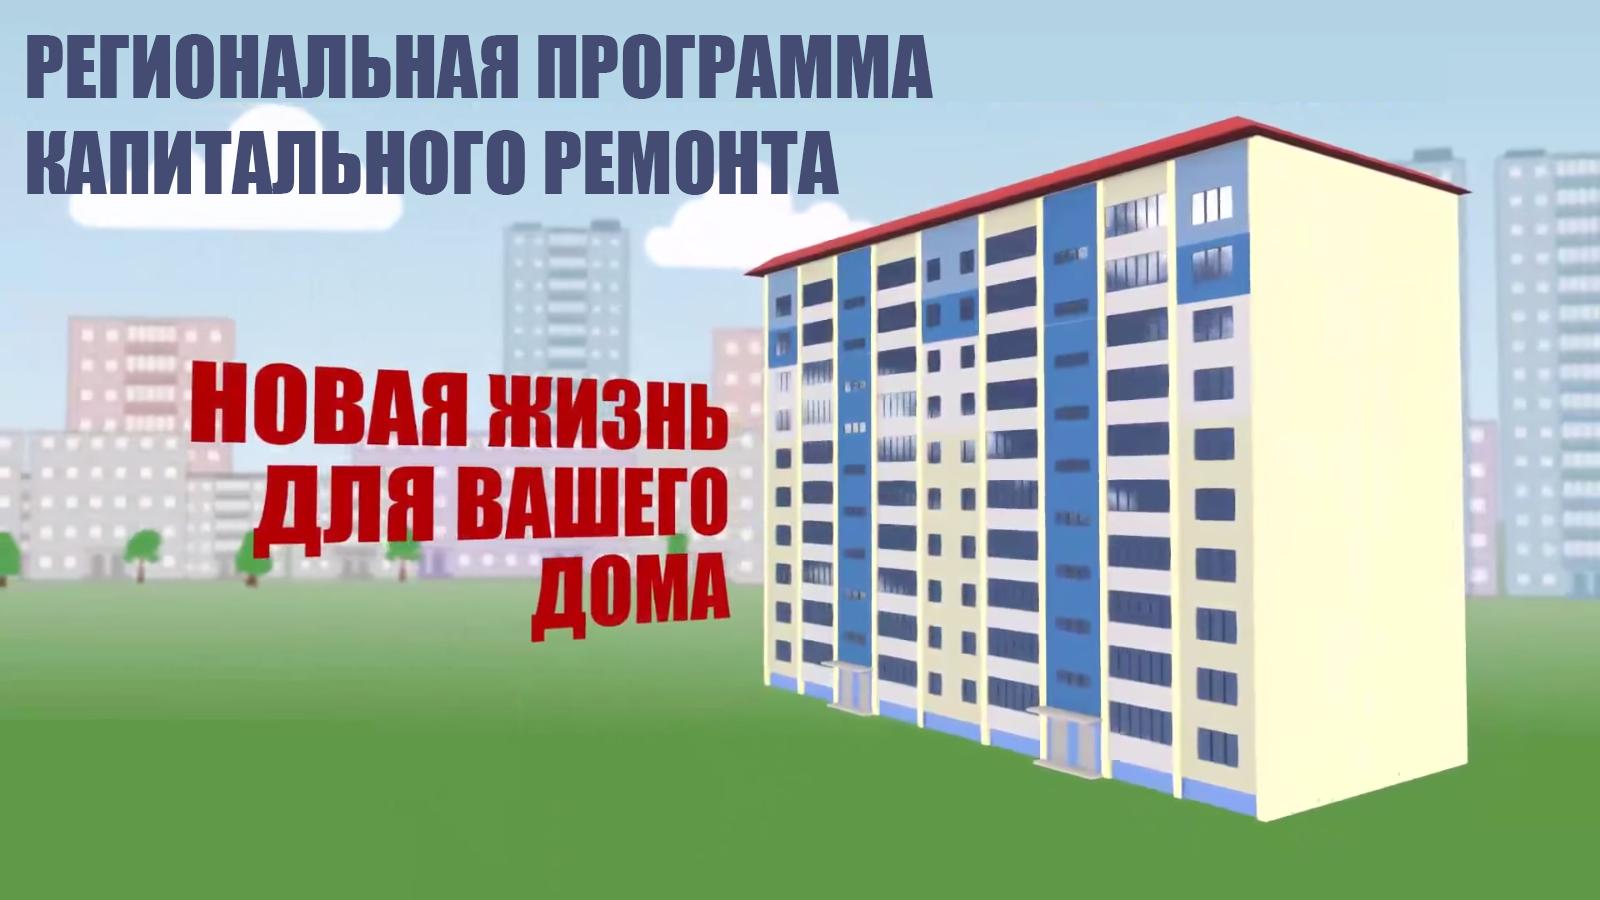 Конкурсы югорского фонда капитального ремонта многоквартирных домов